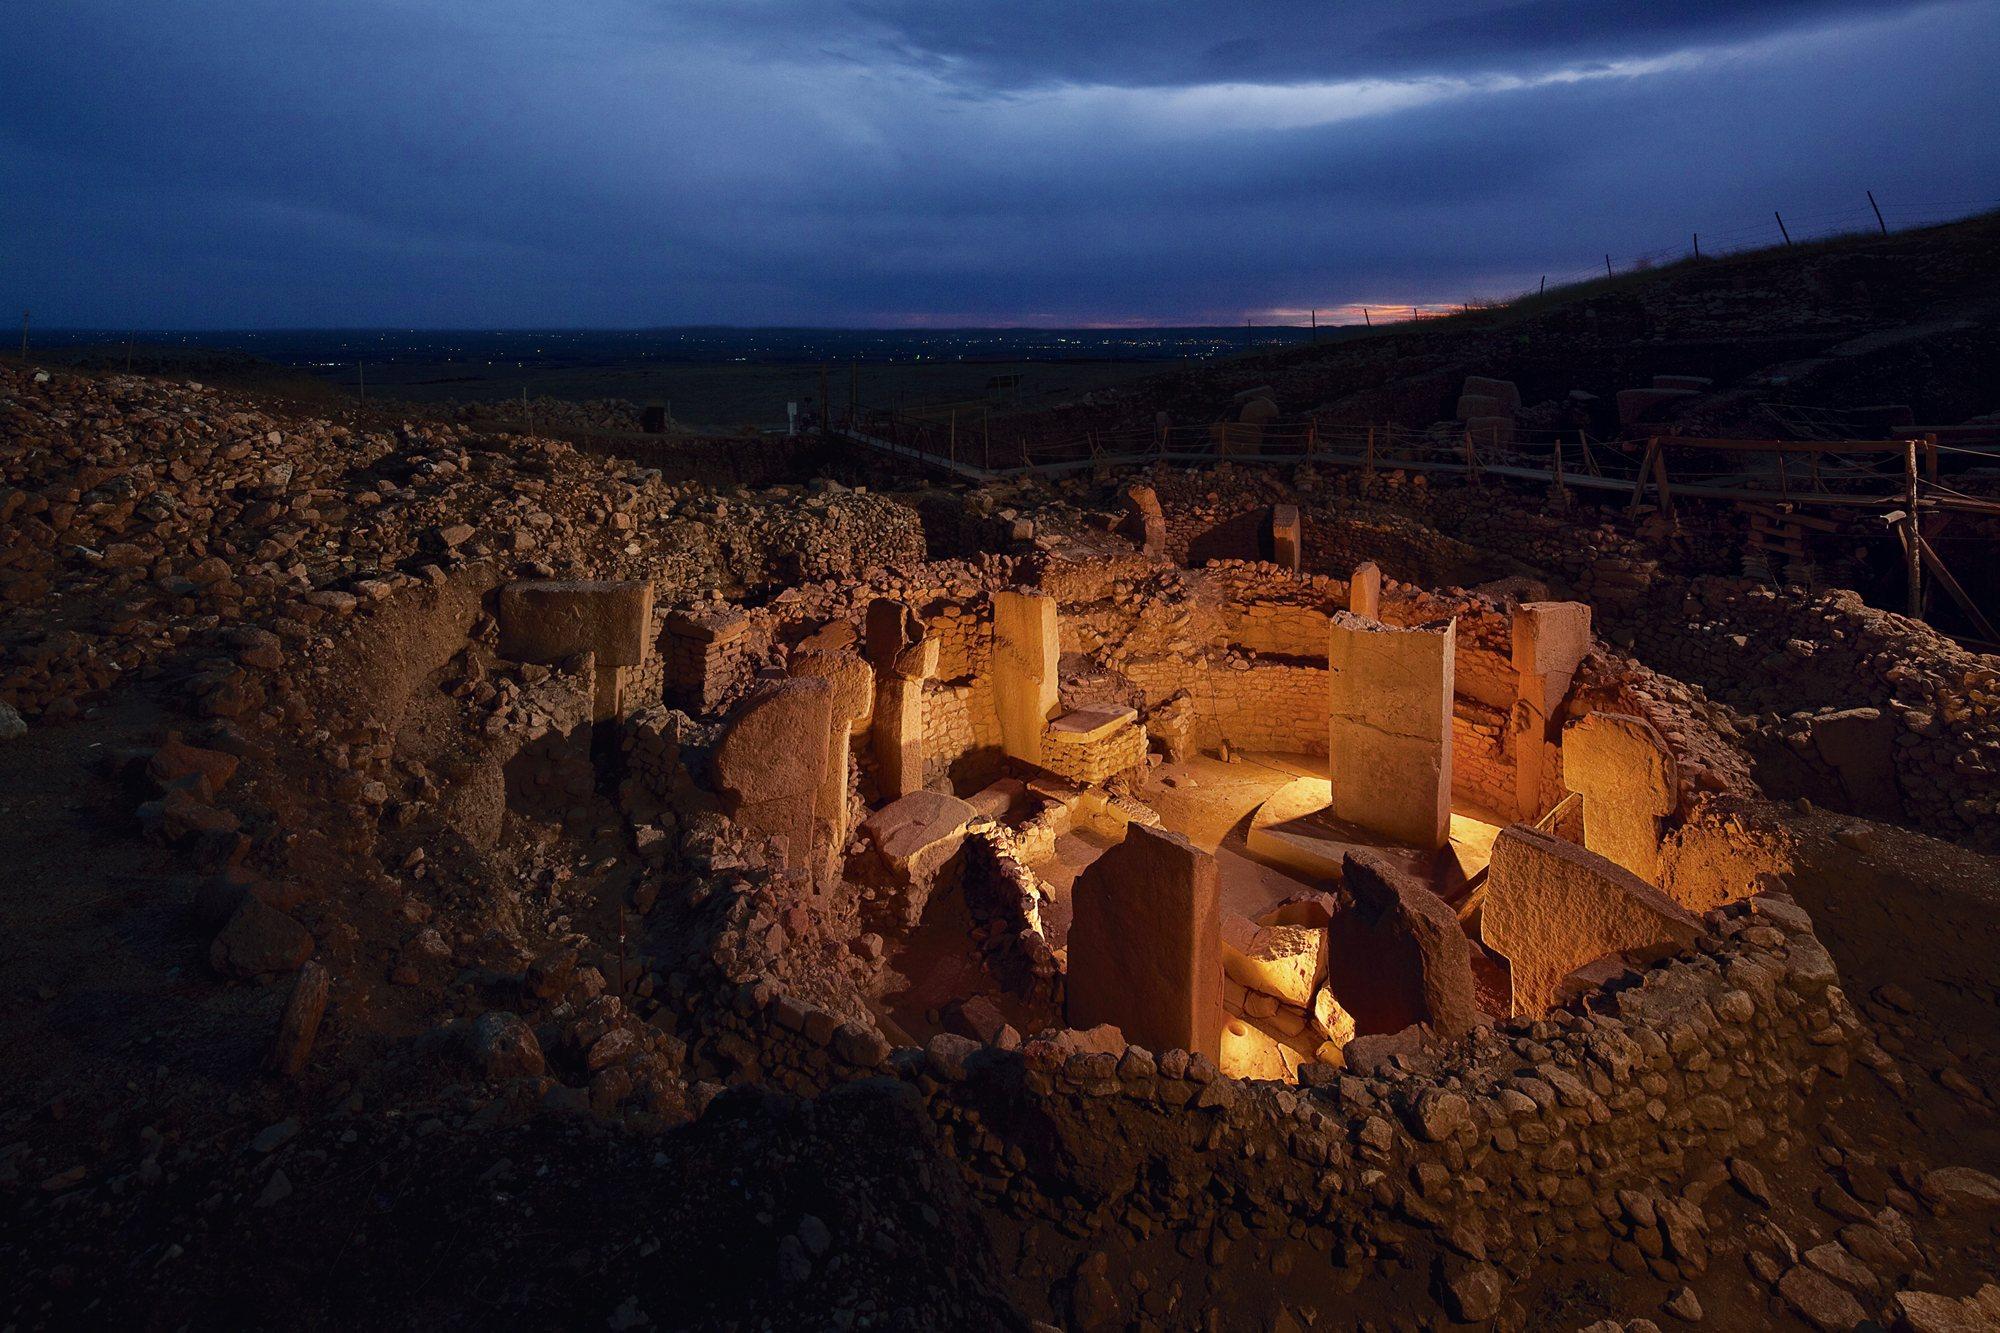 """Göbekli Tepe (en turco """"Colina panzuda"""") El_santuario_mas_antiguo_del_mundo_2000x1333"""